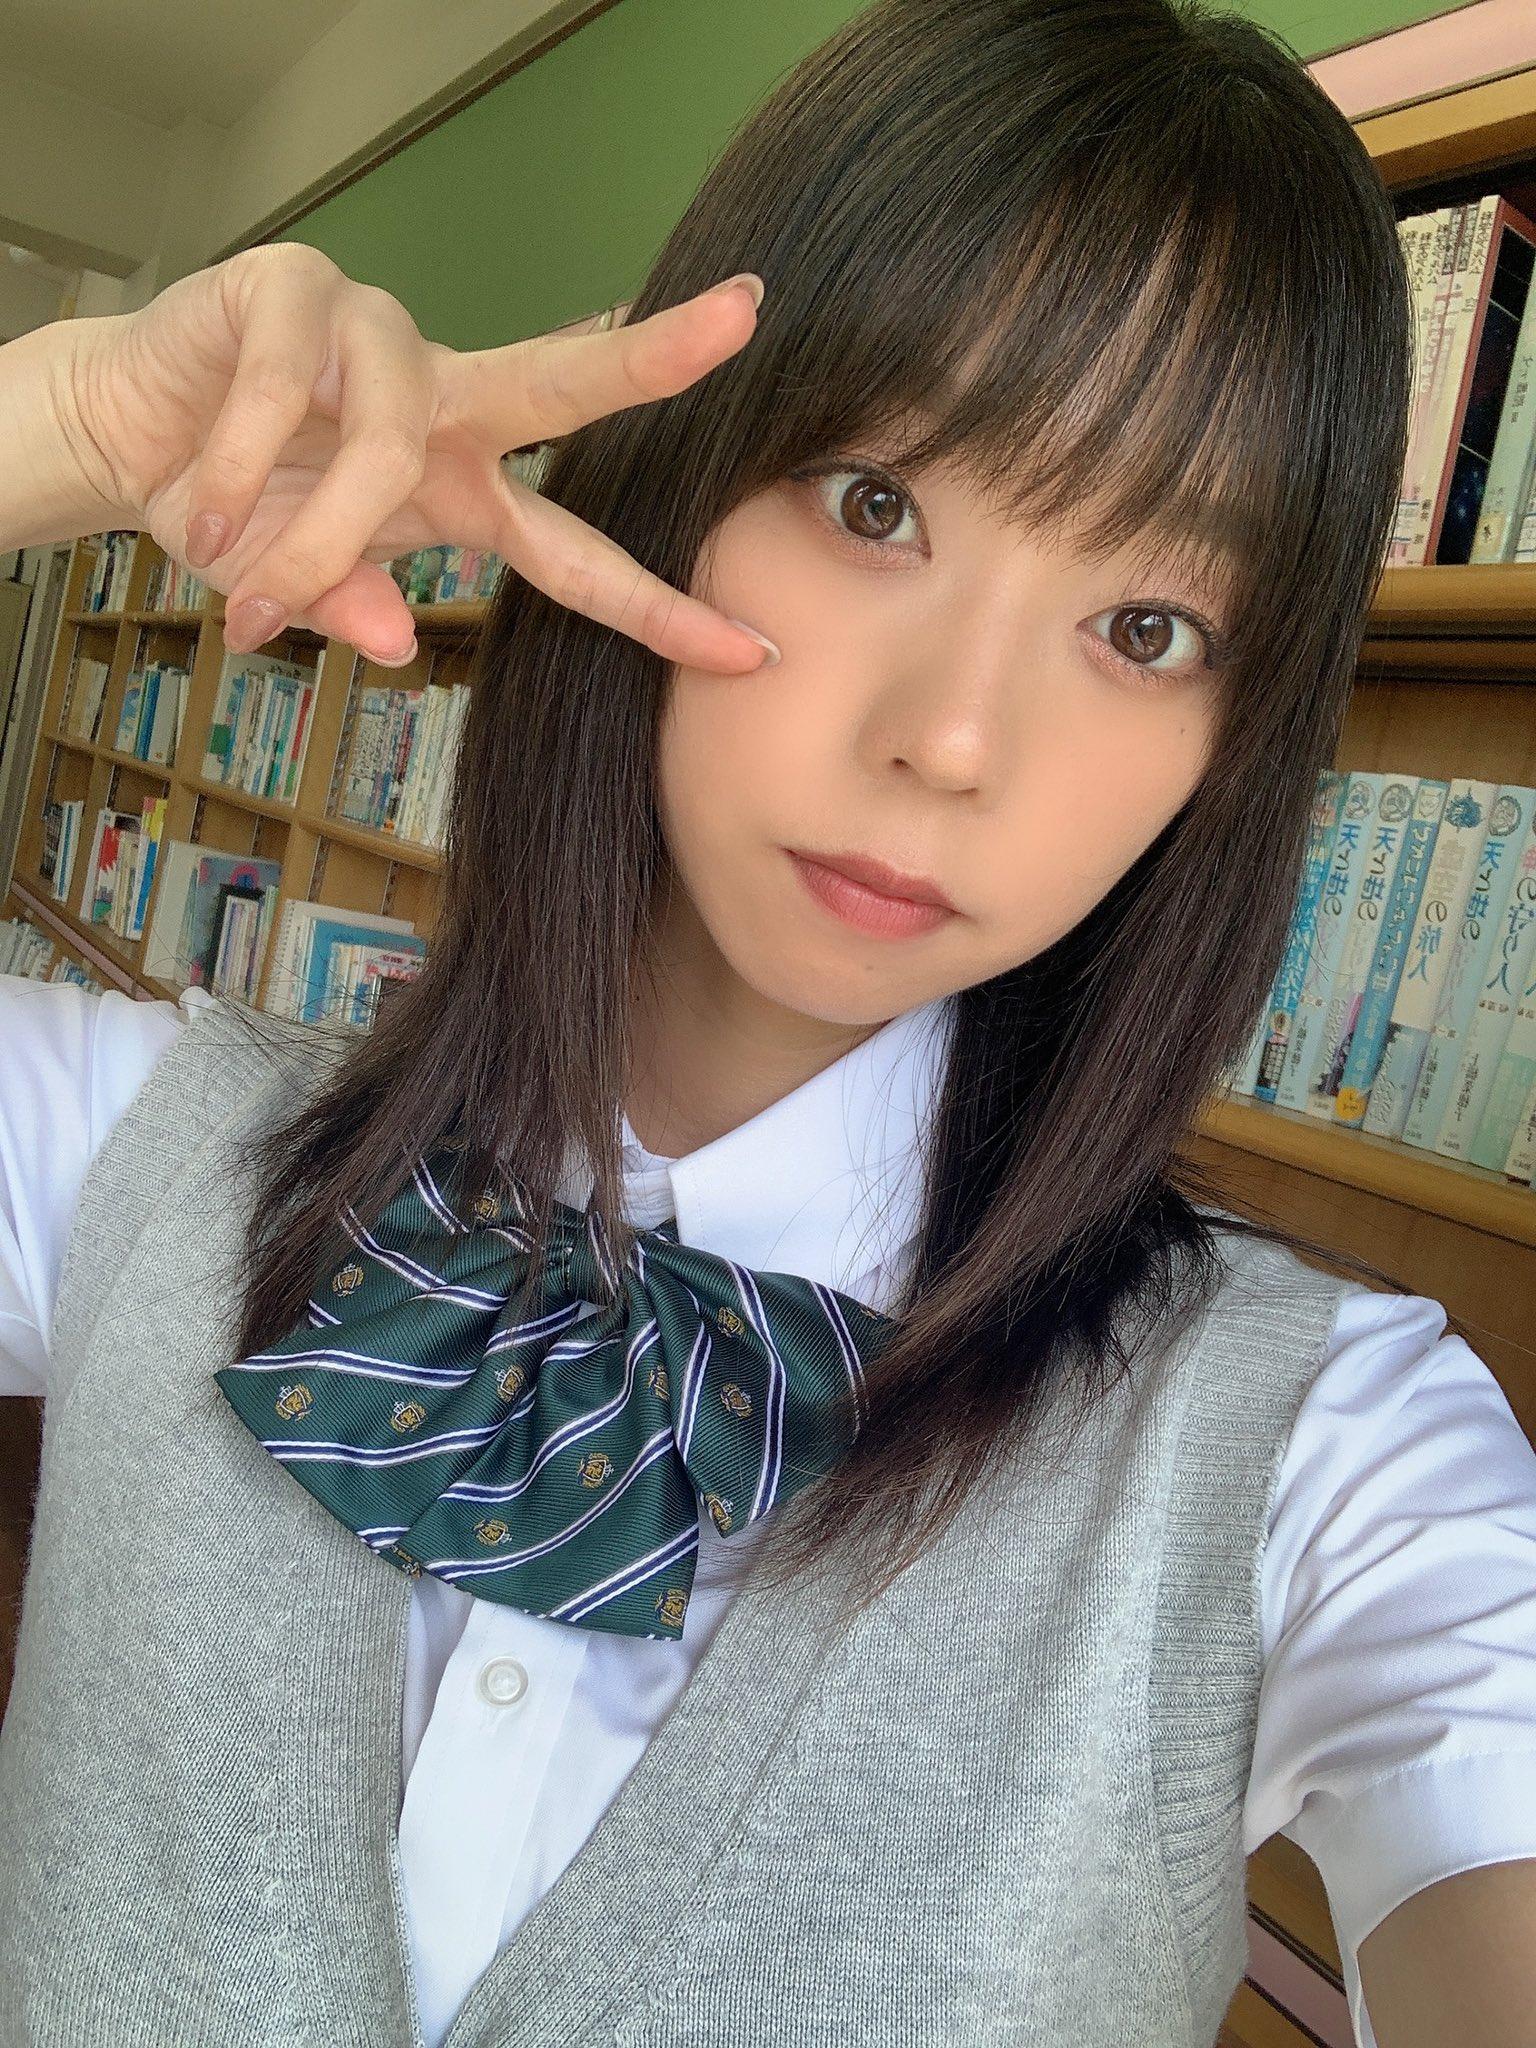 aoyama_hikaru270.jpg